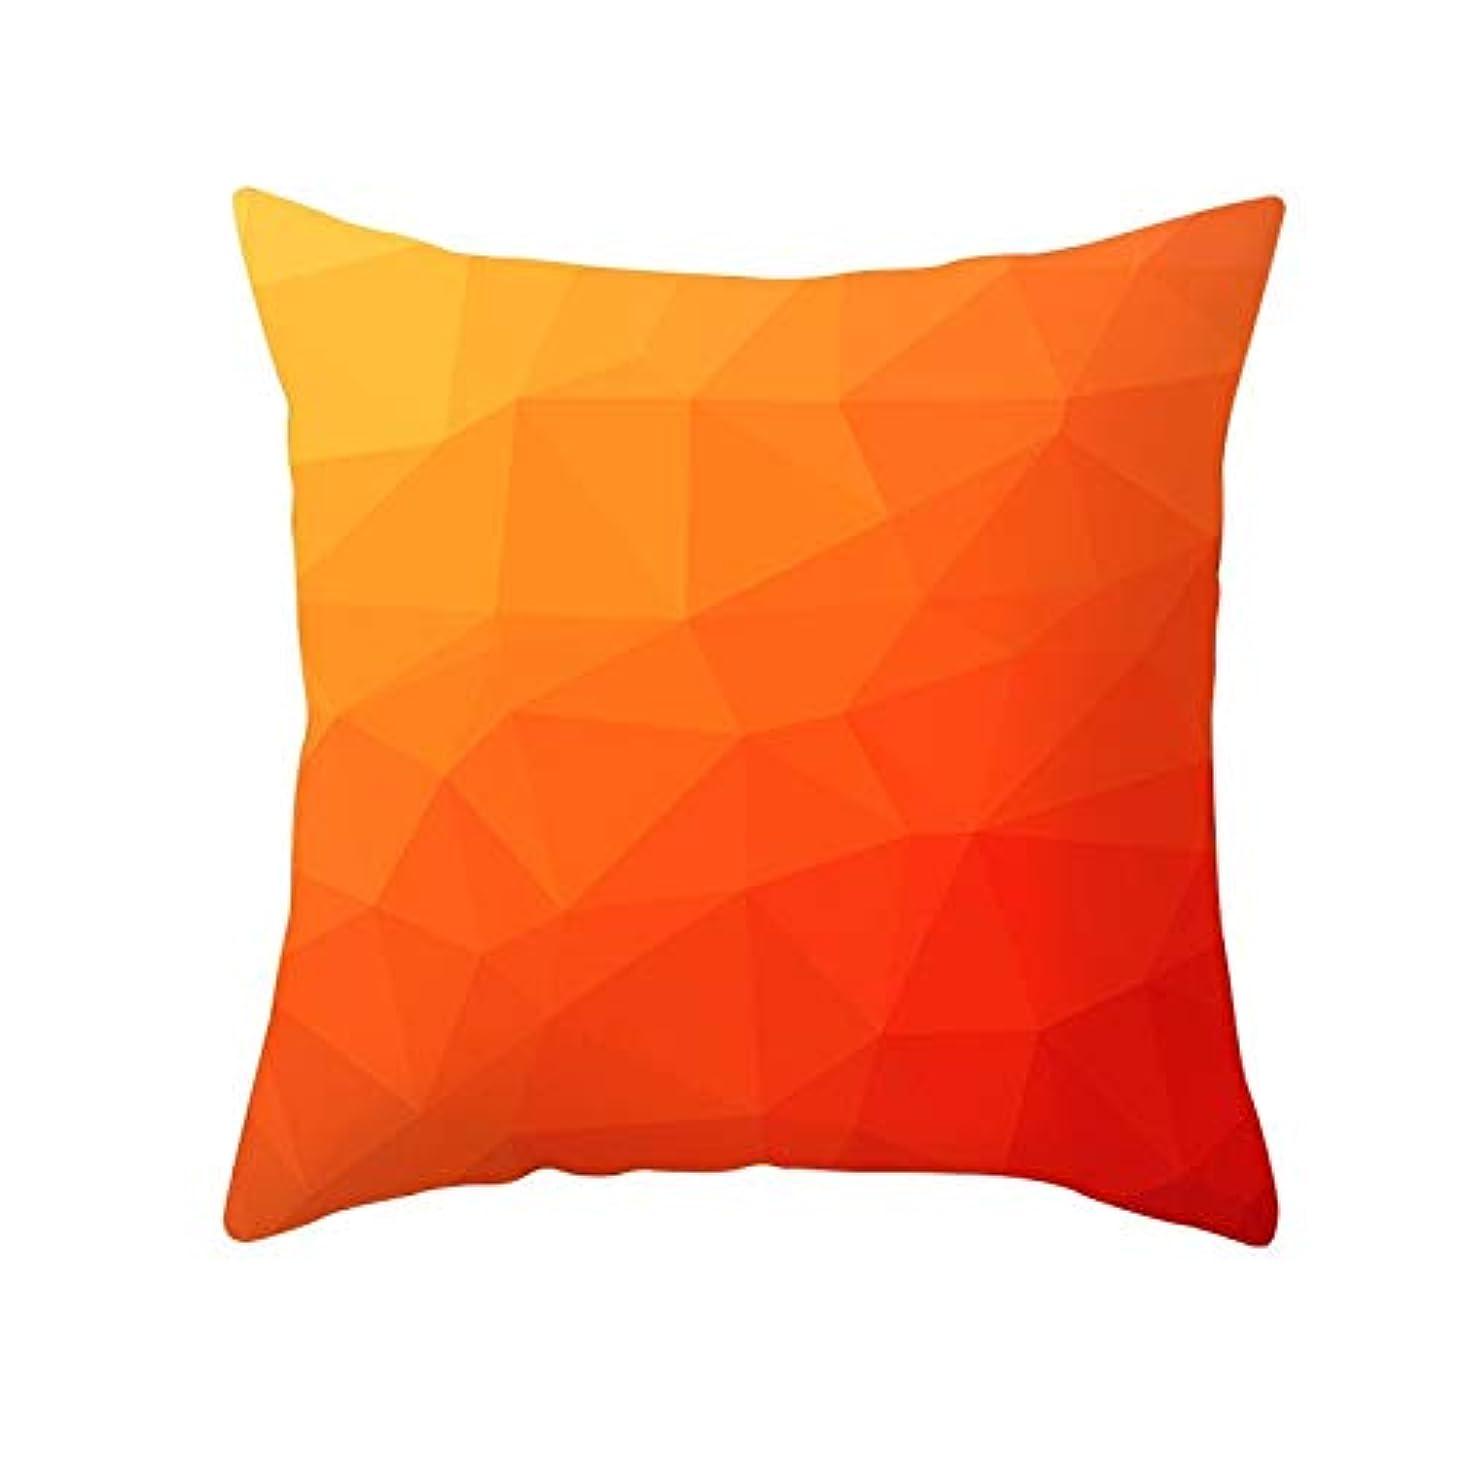 年金受給者説得力のある追加するLIFE 装飾クッションソファ 幾何学プリントポリエステル正方形の枕ソファスロークッション家の装飾 coussin デ長椅子 クッション 椅子